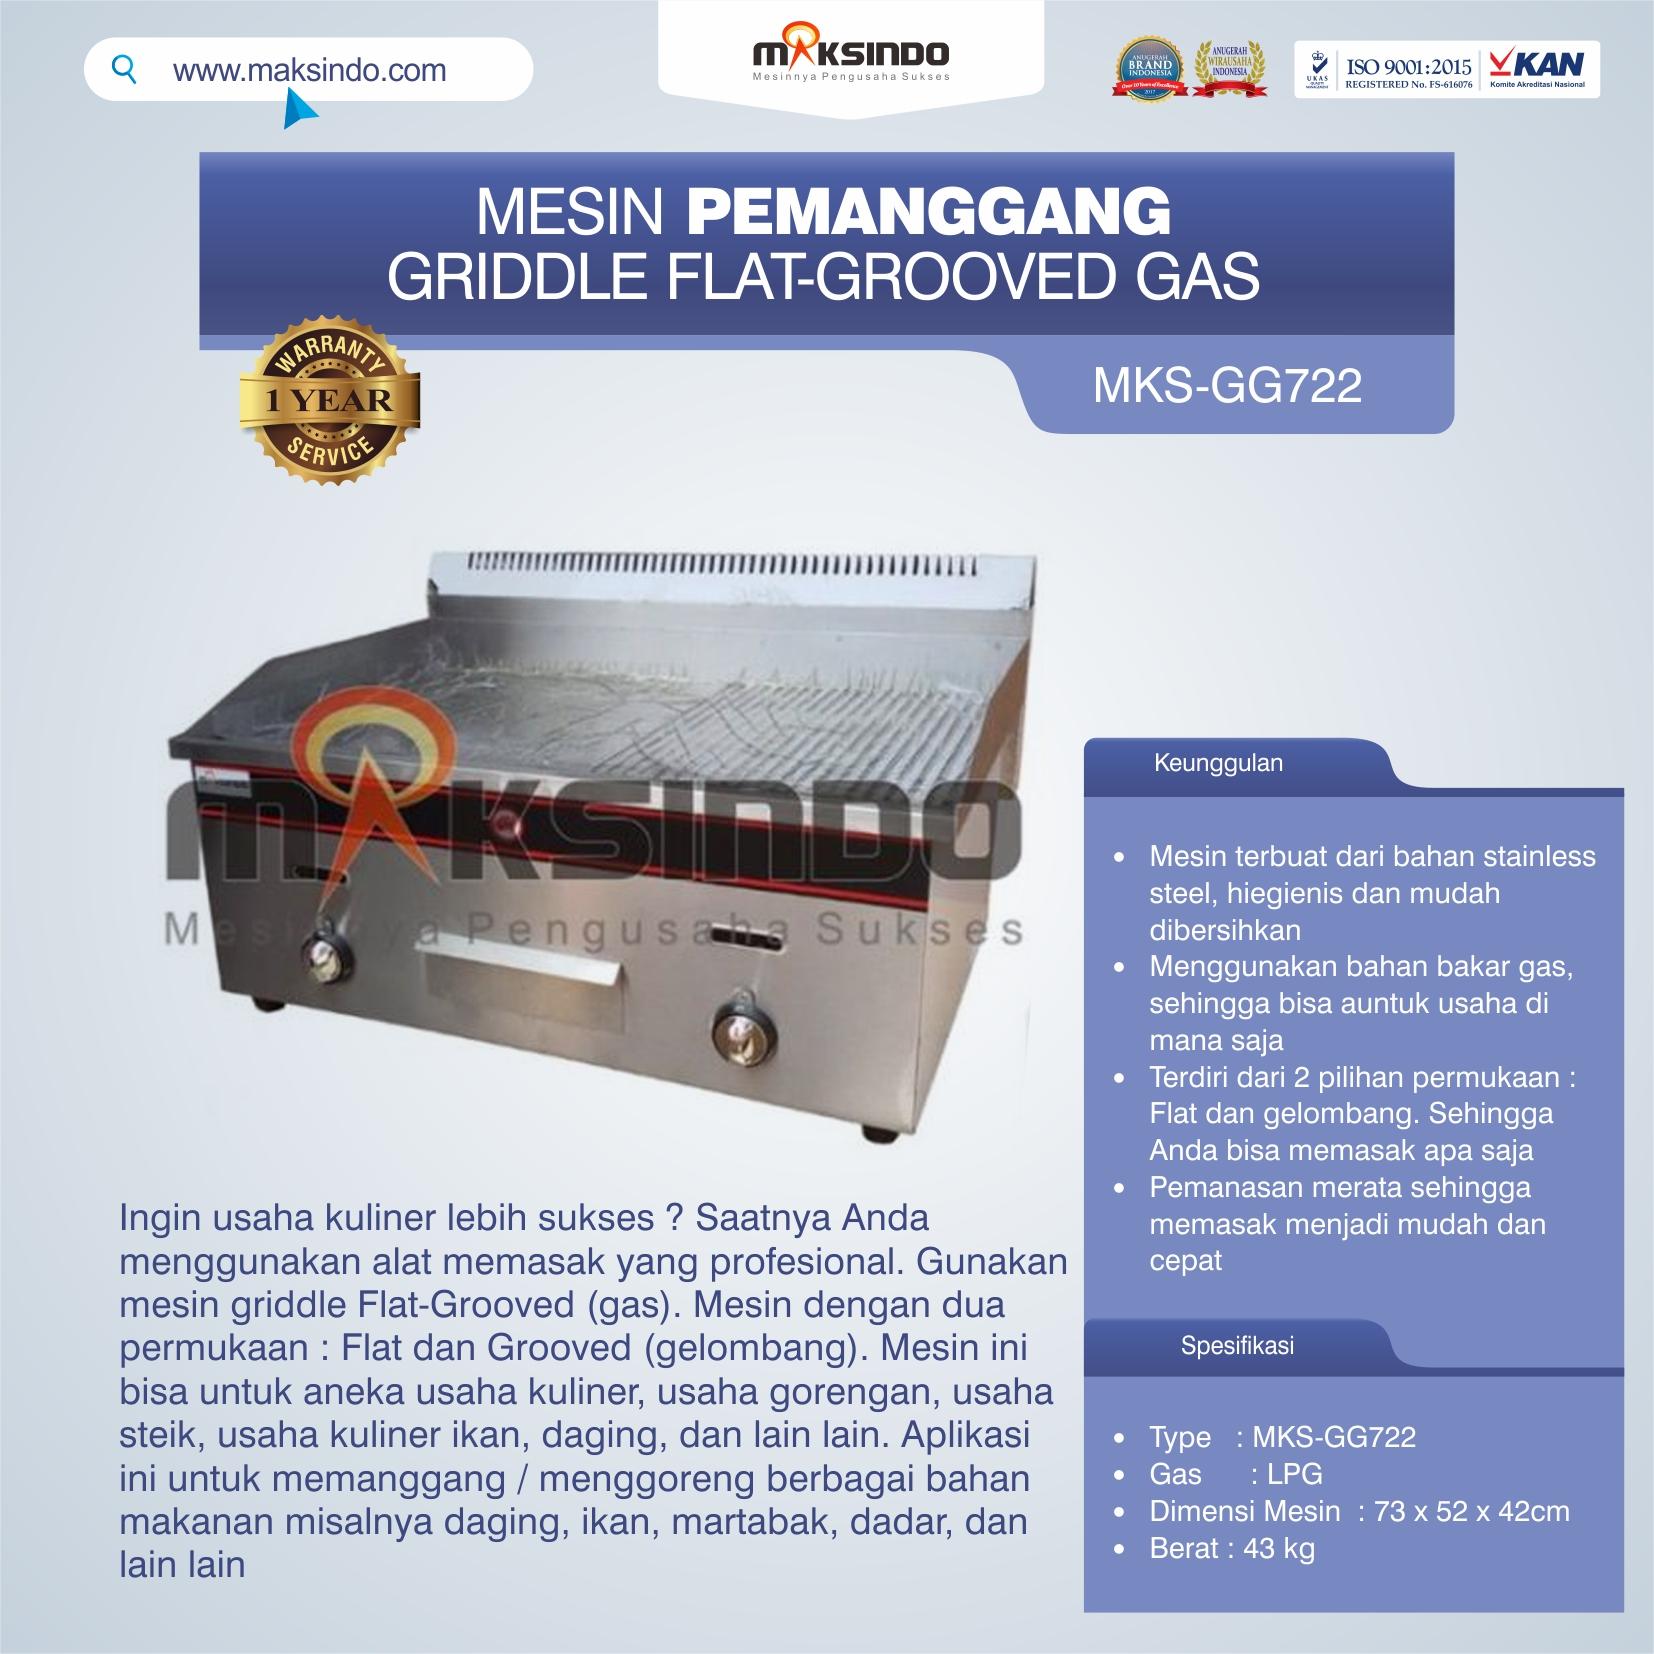 Jual Pemanggang Griddle Flat-Grooved Gas (GG722) di Medan